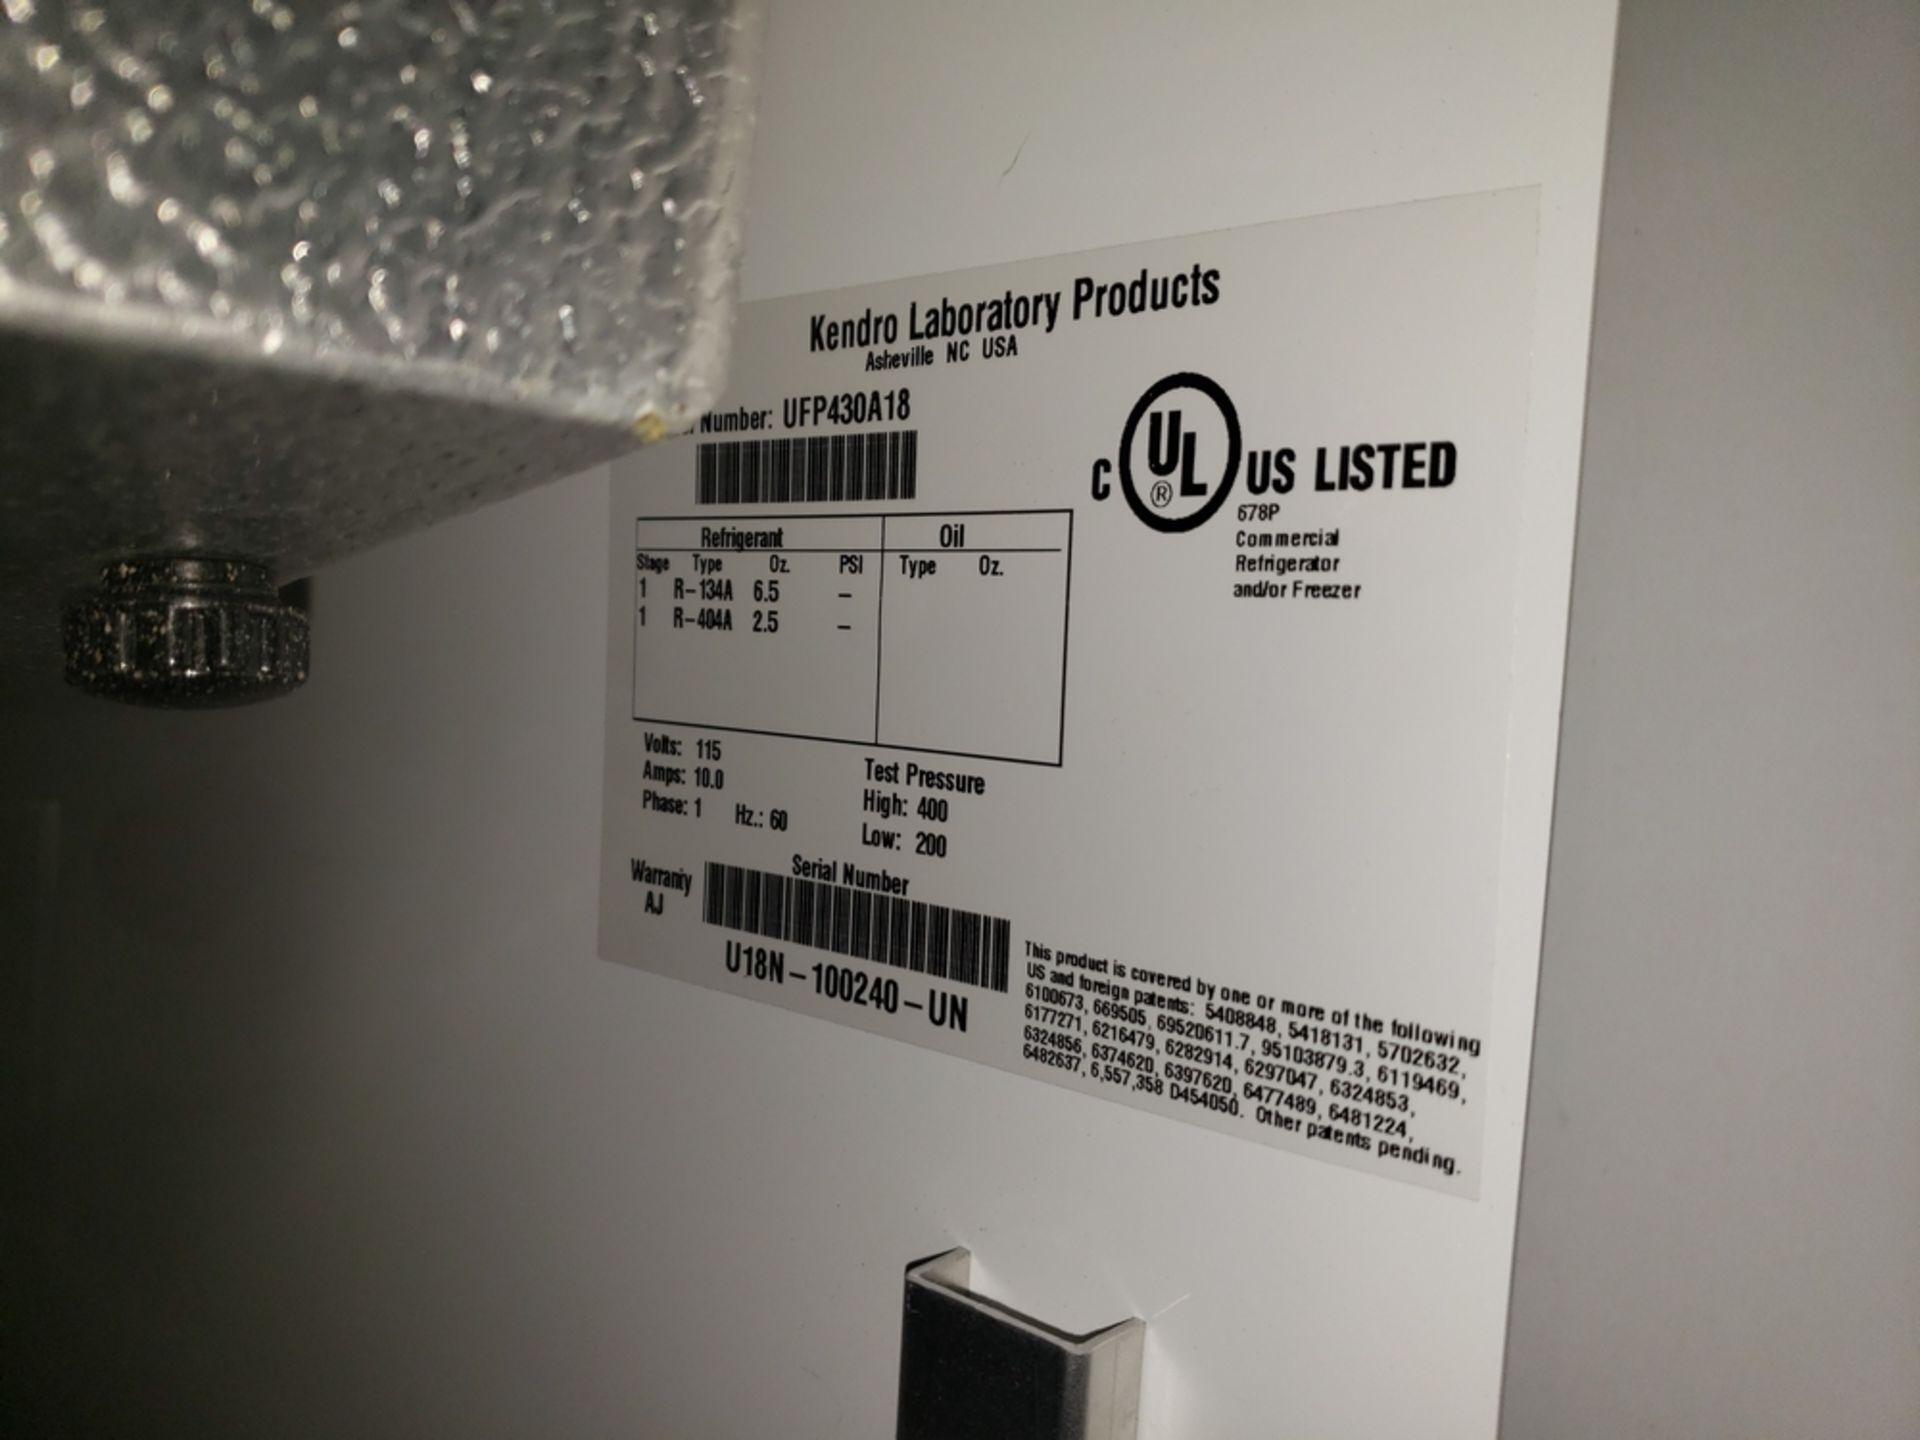 Lot 5 - Revco refrigerator, model UFP430A18, R134a refrigerant, 115 volt, serial# U18N-100240-UN.